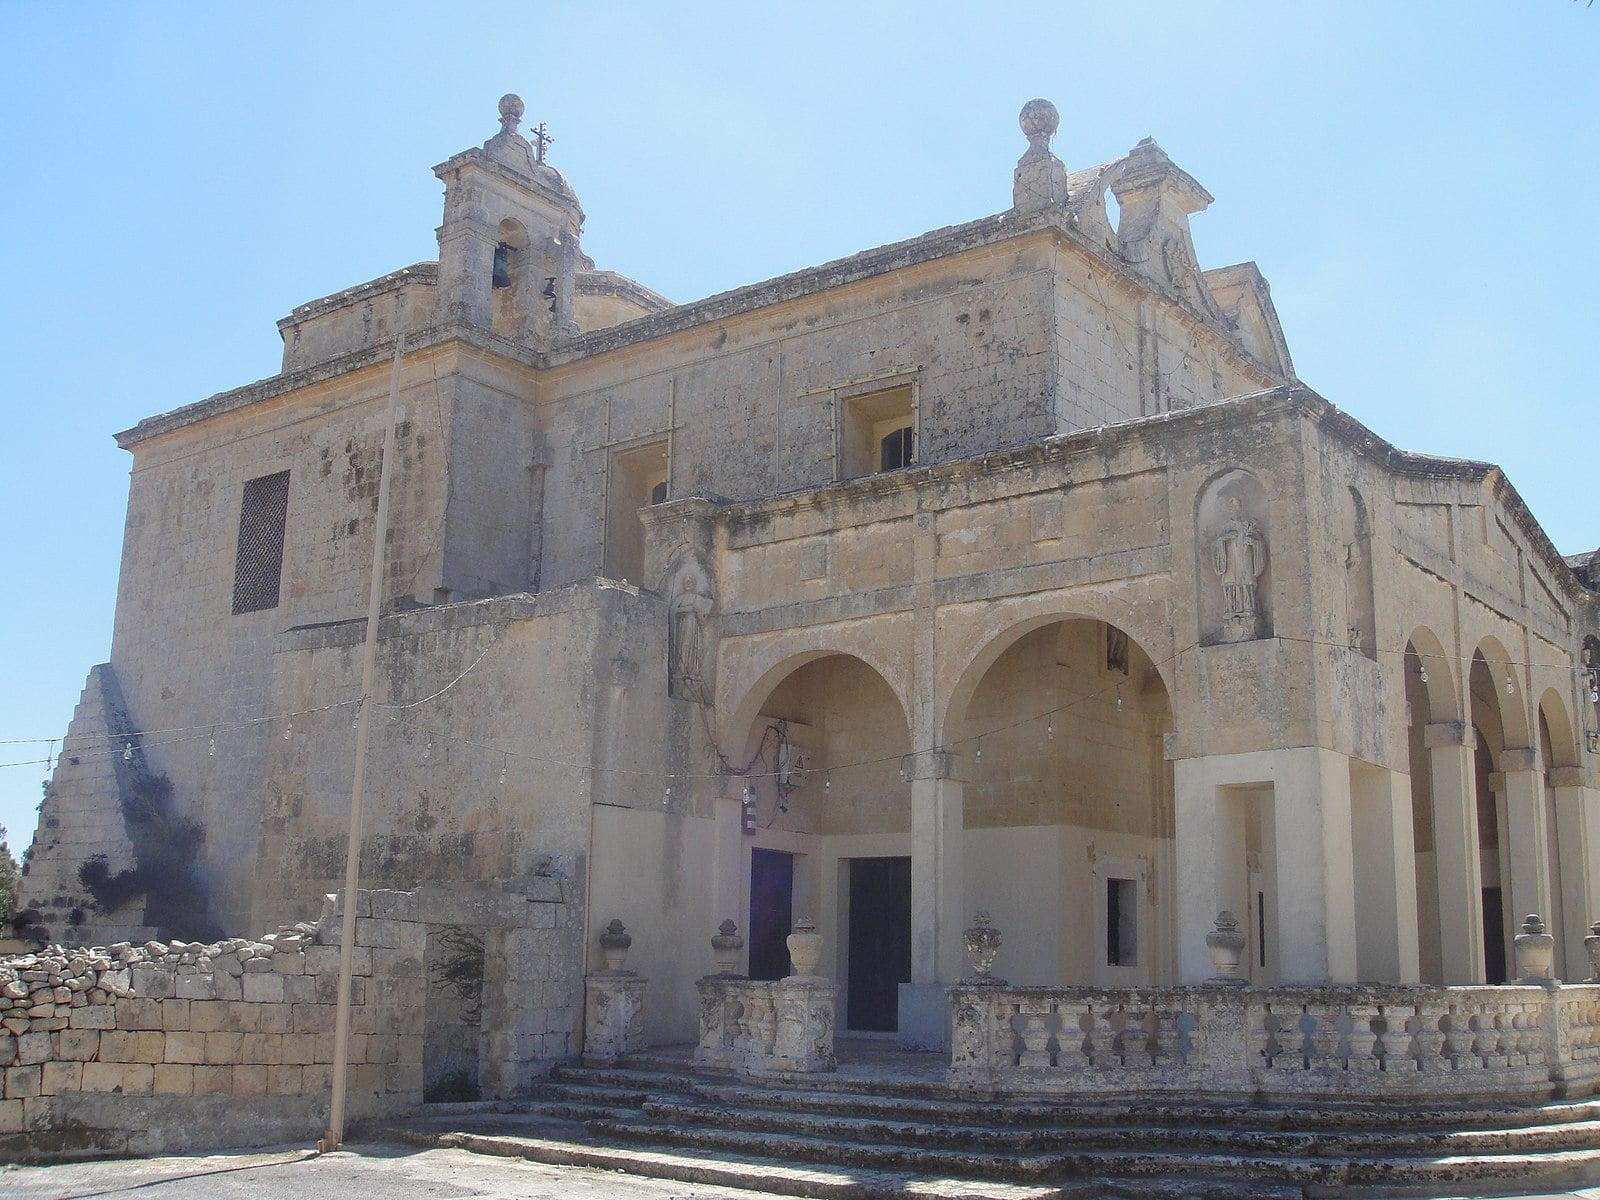 Knisja_tal-Madonna_tal-Ħniena_Qrendi